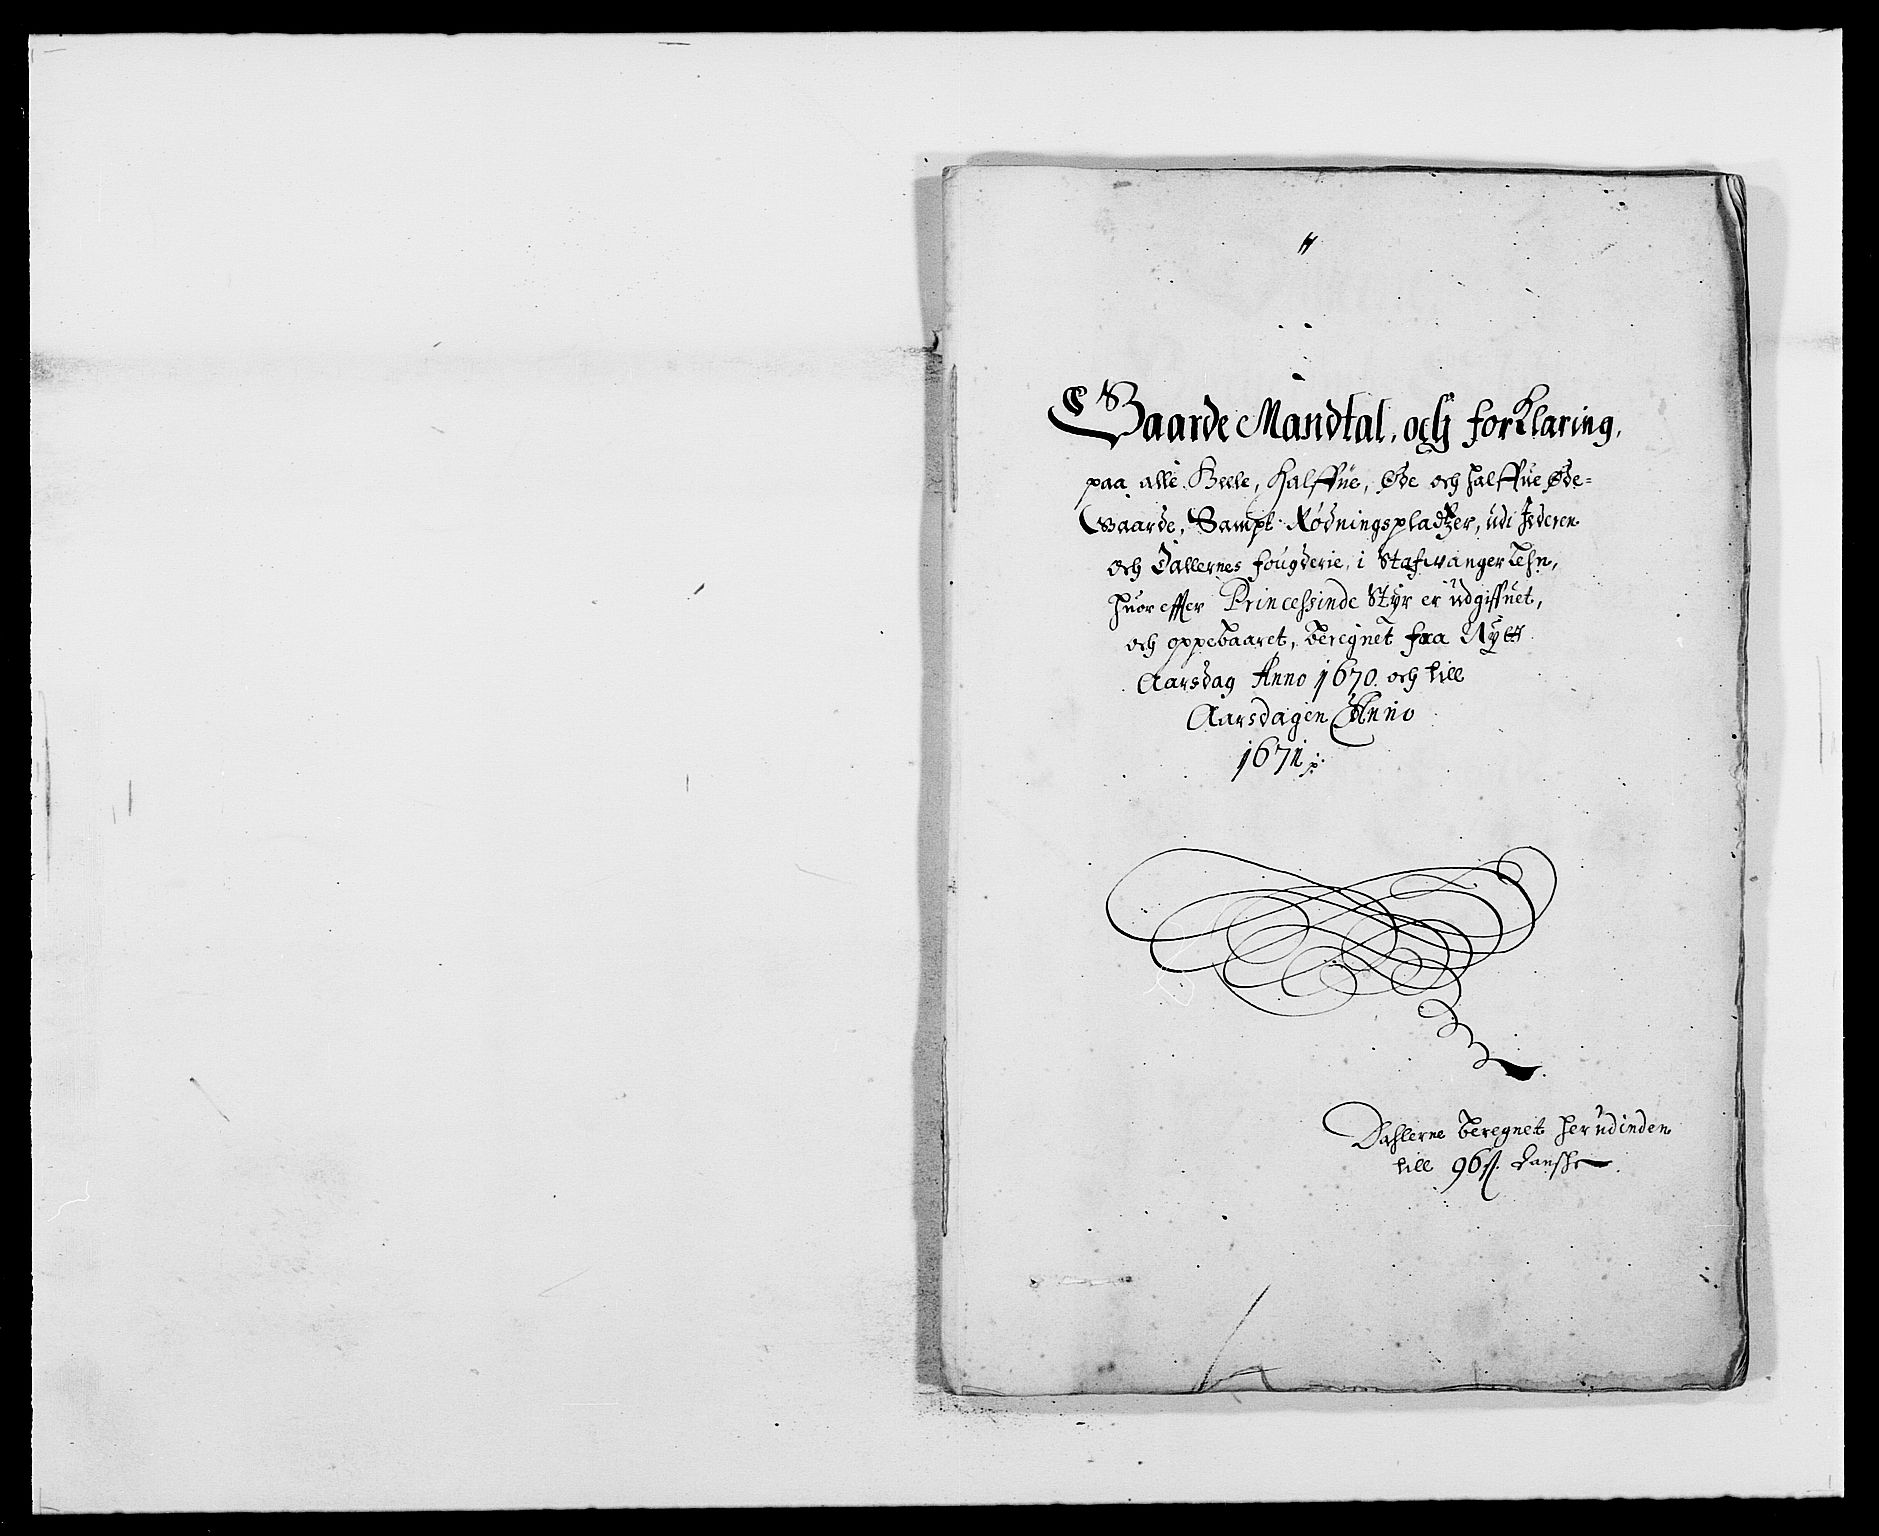 RA, Rentekammeret inntil 1814, Reviderte regnskaper, Fogderegnskap, R46/L2712: Fogderegnskap Jæren og Dalane, 1670-1671, s. 195